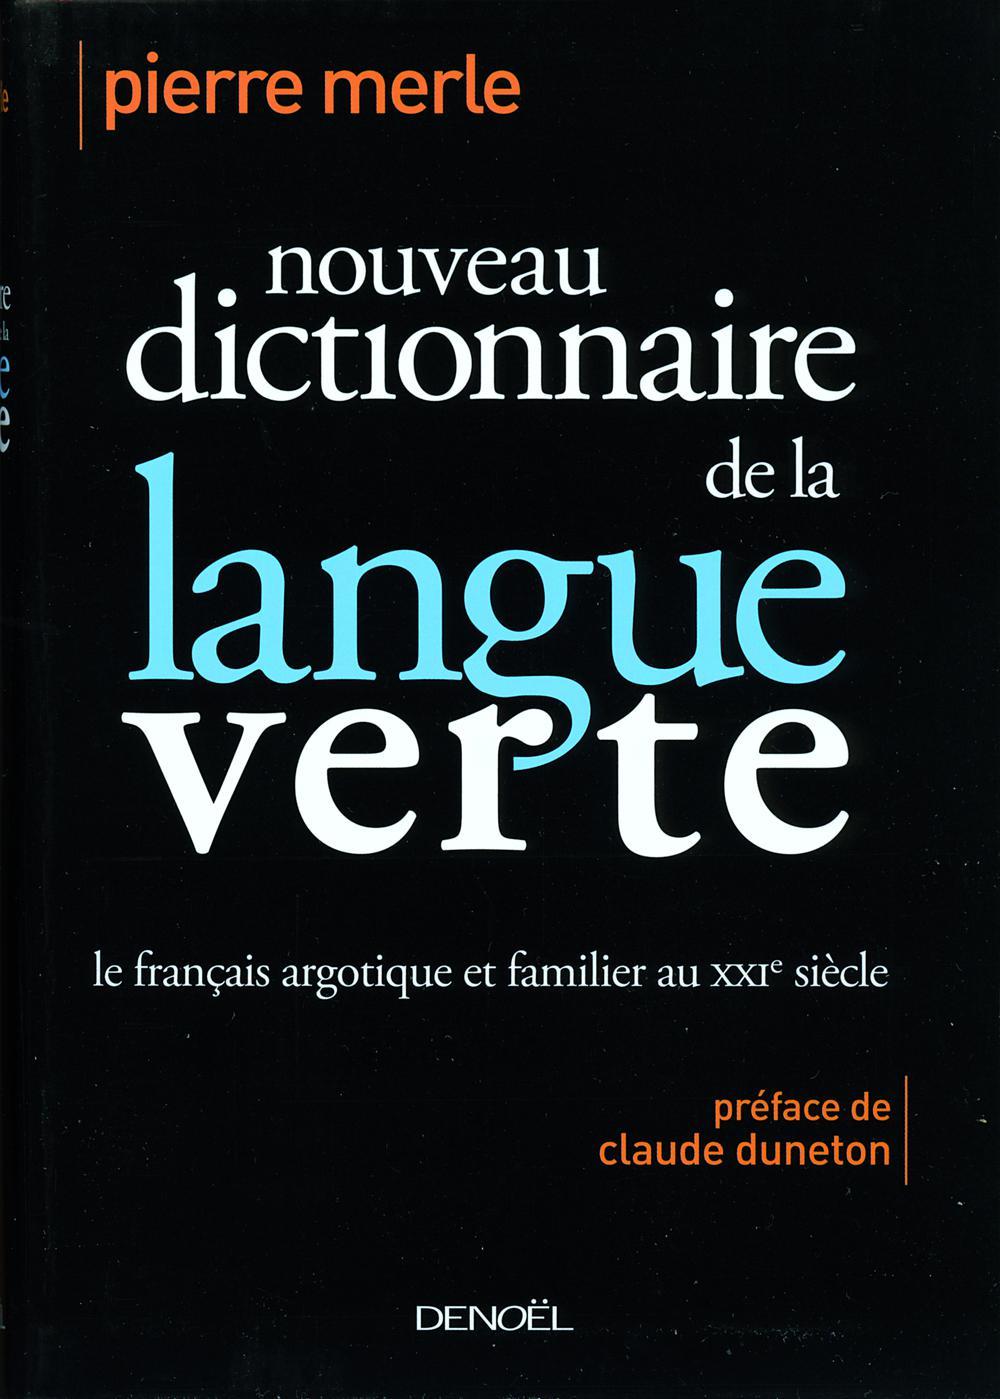 Nouveau dictionnaire de la langue verte